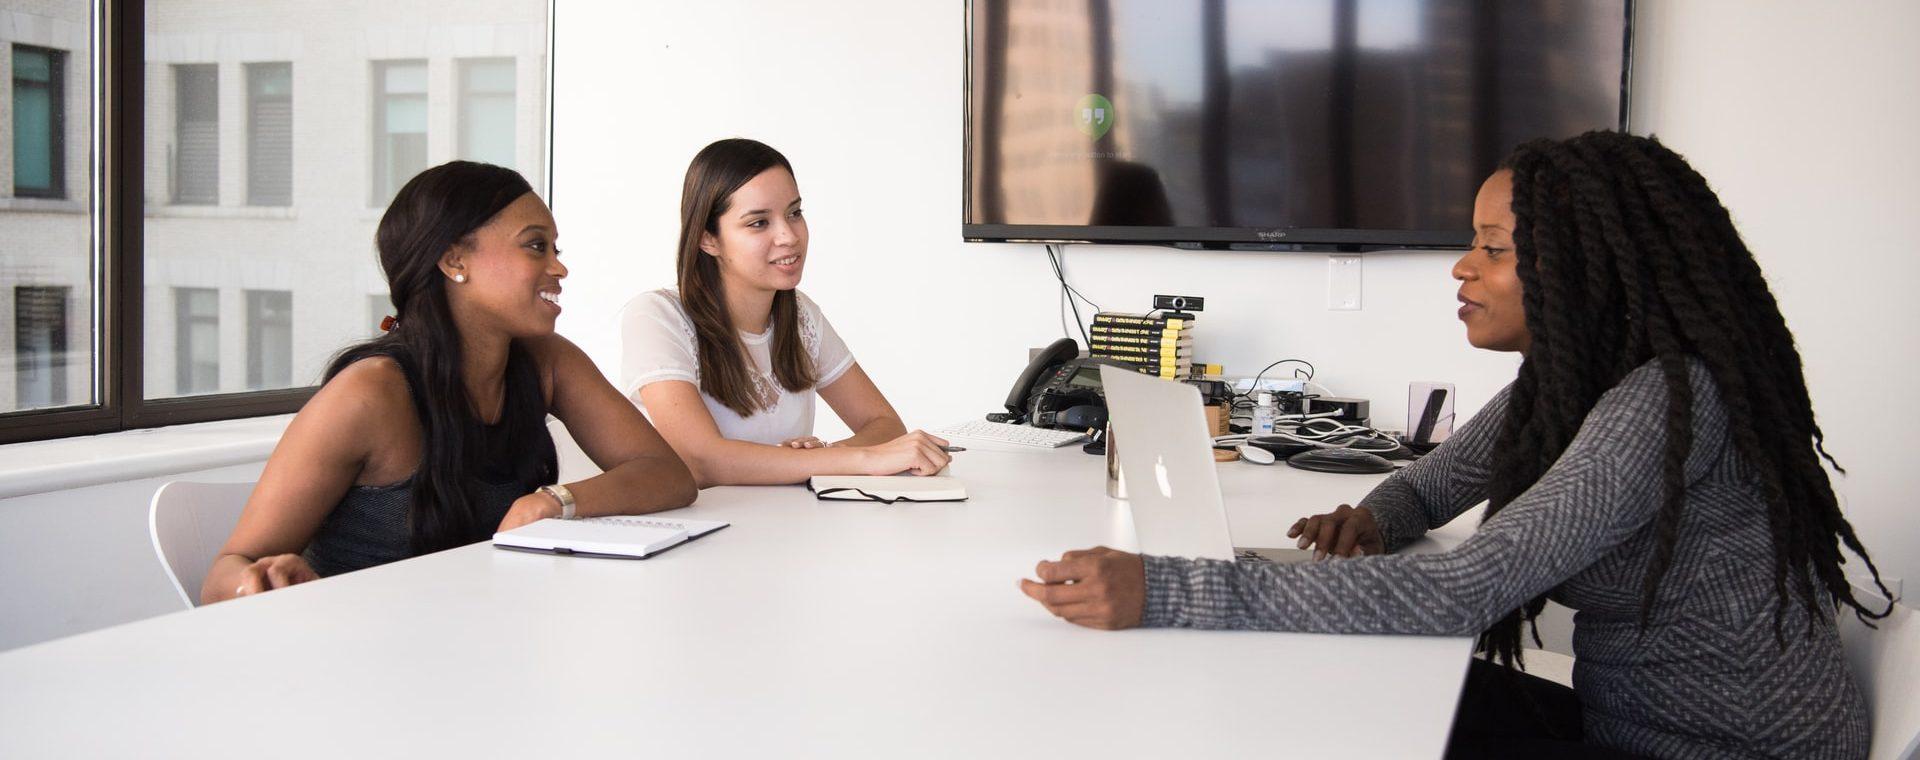 Wat zijn je positieve eigenschappen sollicitatiegesprek